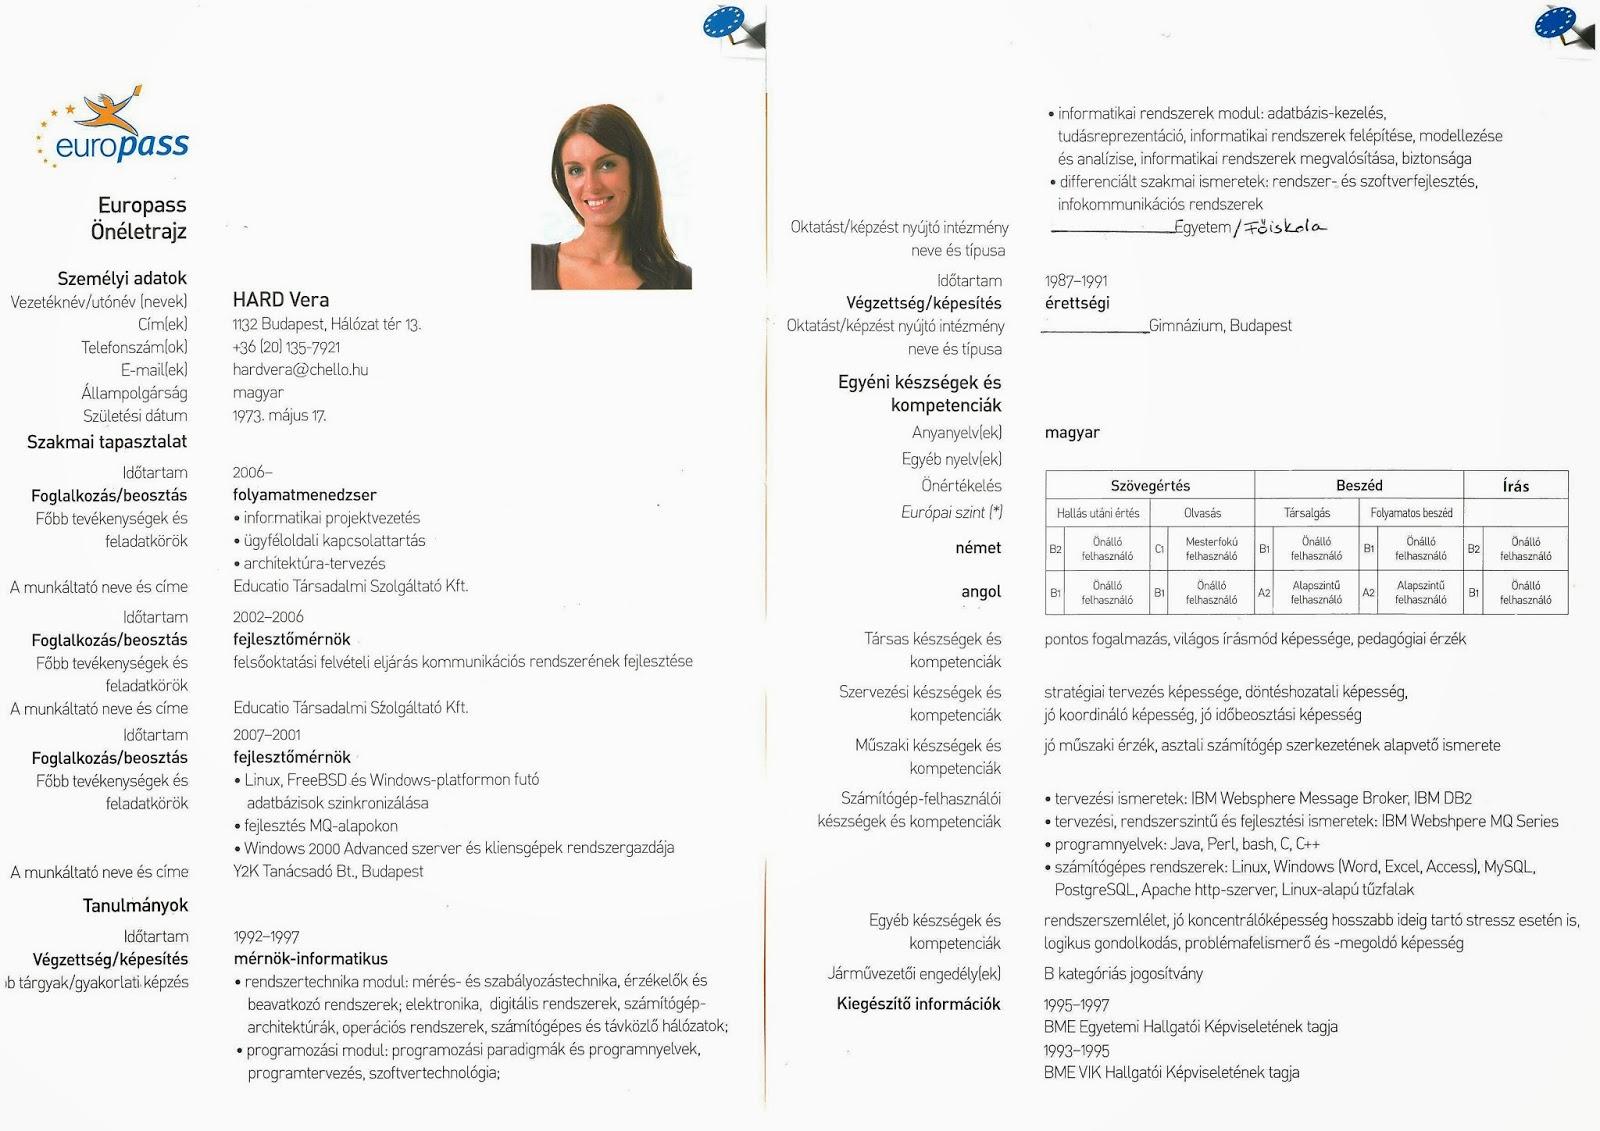 europass önéletrajz alap Álláskeresési tanácsok. Hogyan legyünk sikeresek?!: 2013 europass önéletrajz alap